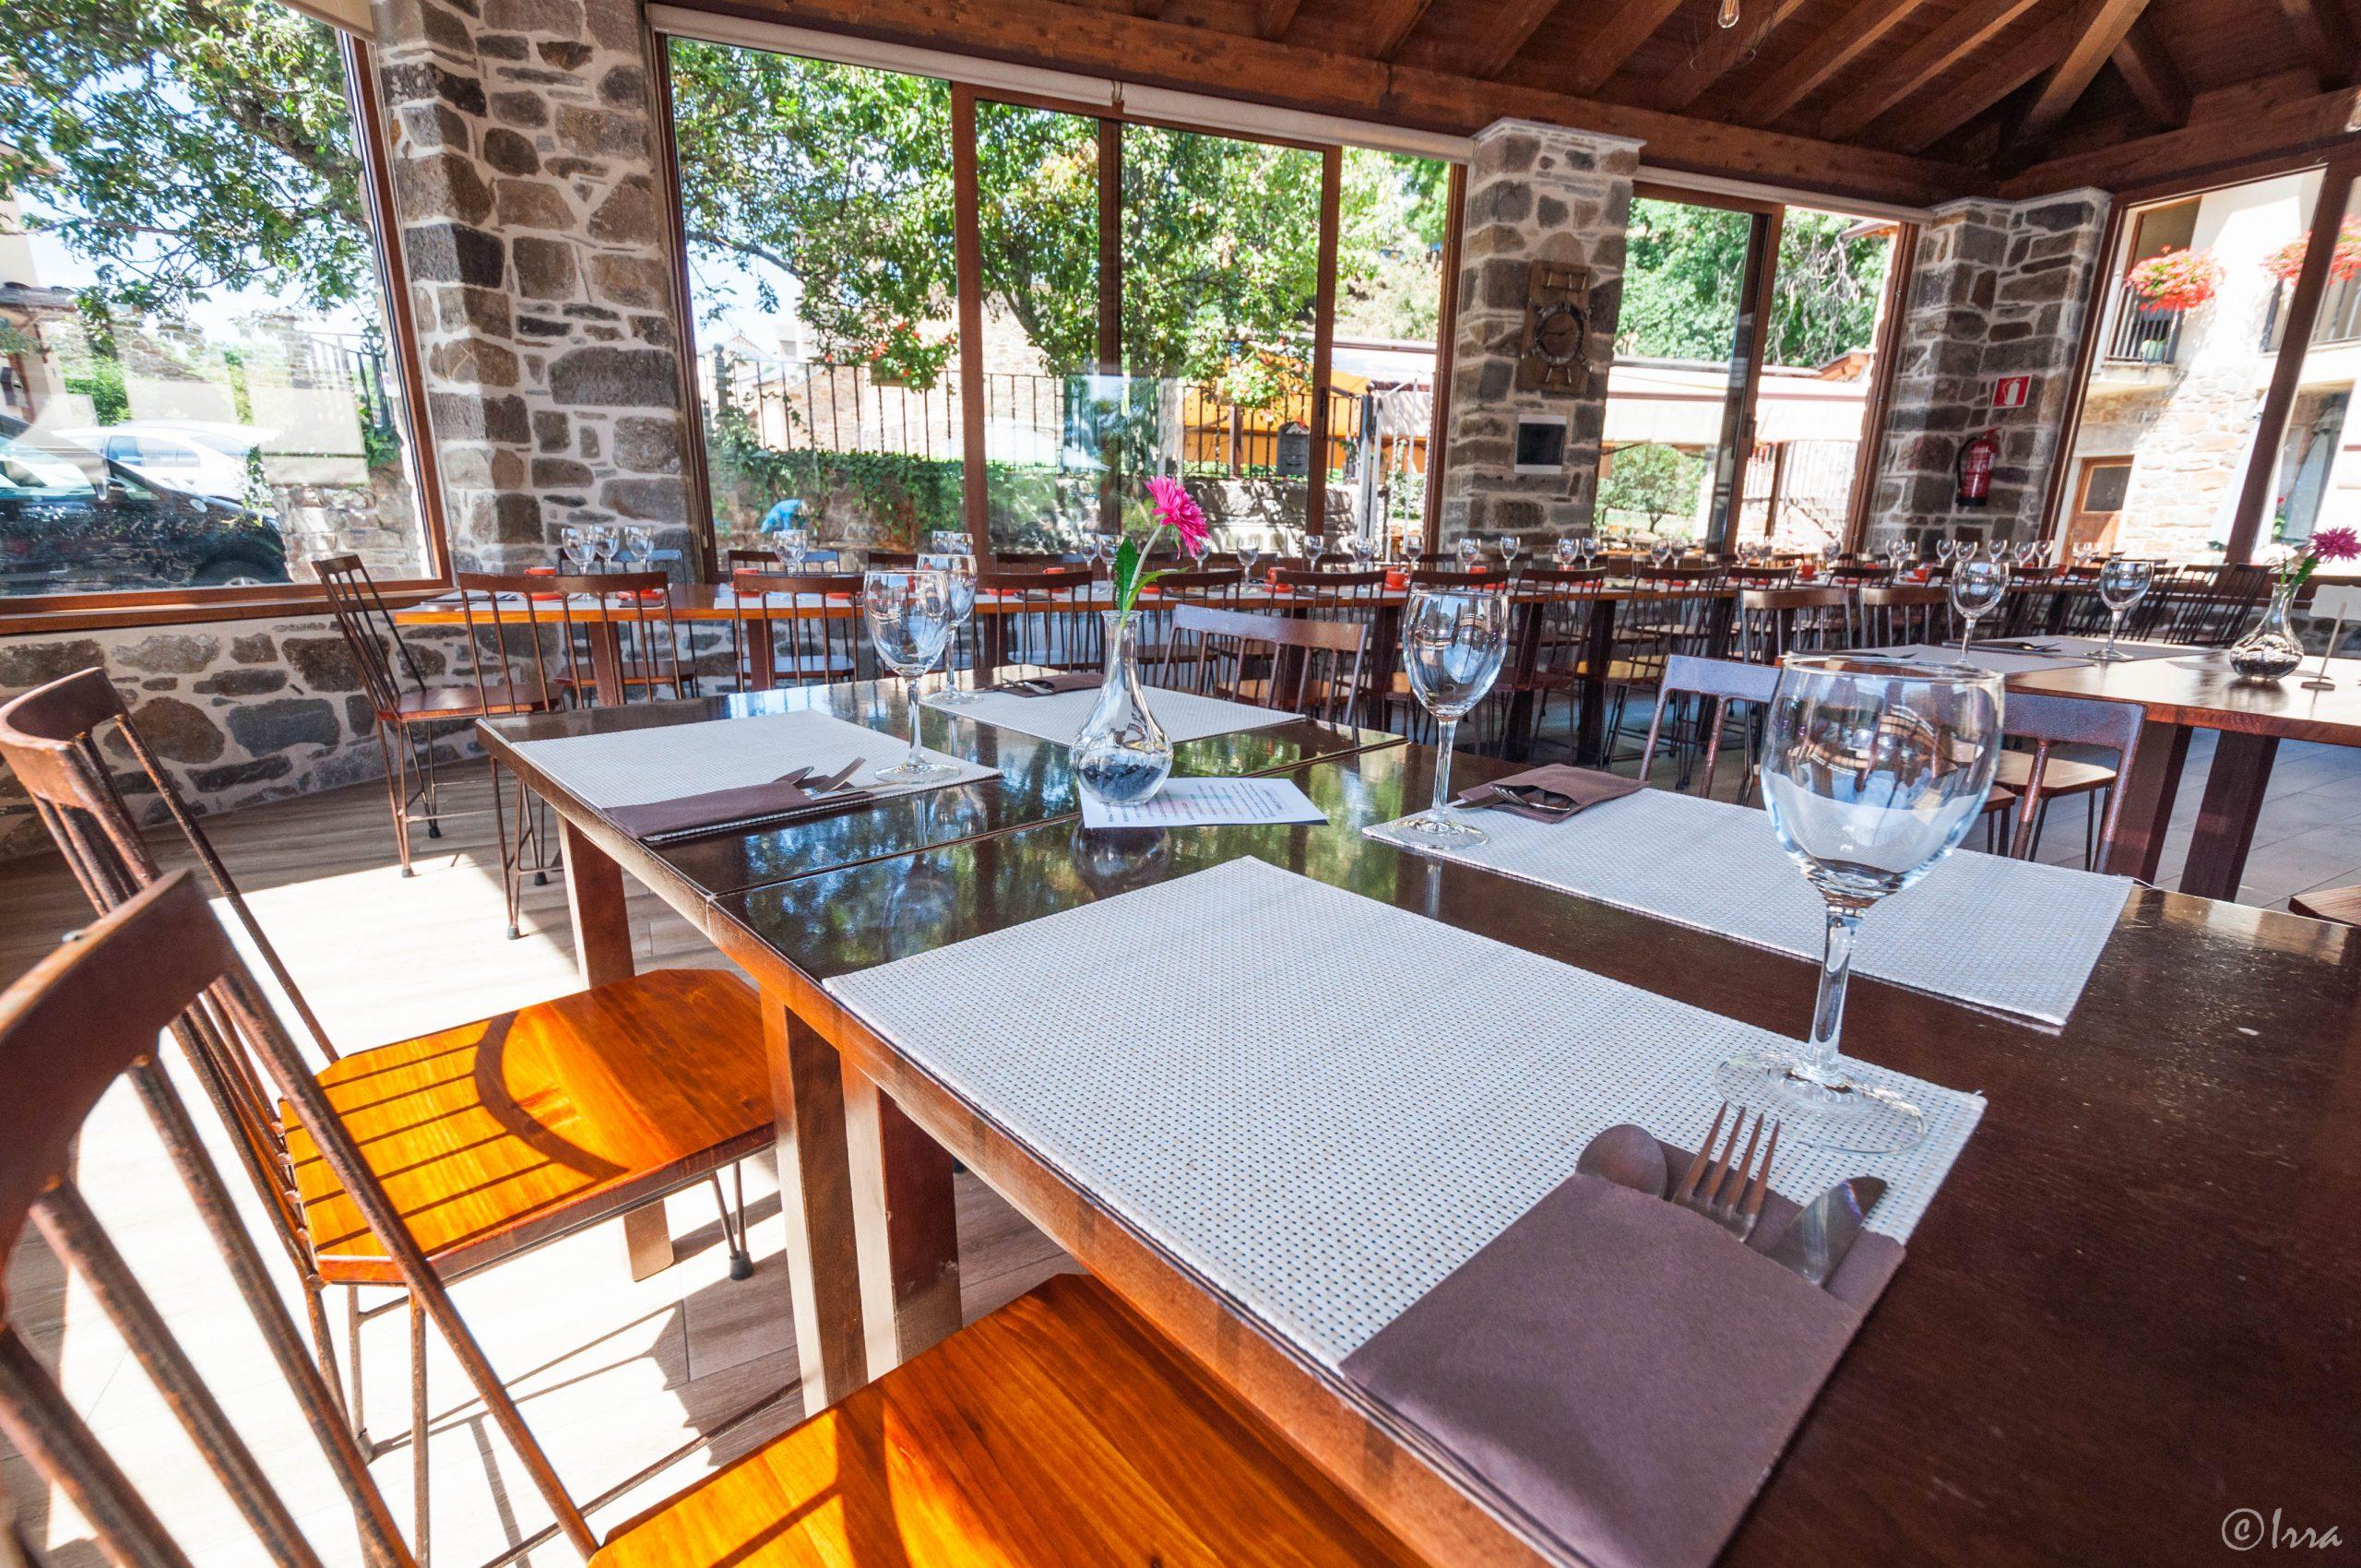 Reseña gastronómica: Hotel Rural La Bolera en Robles de Laciana 6